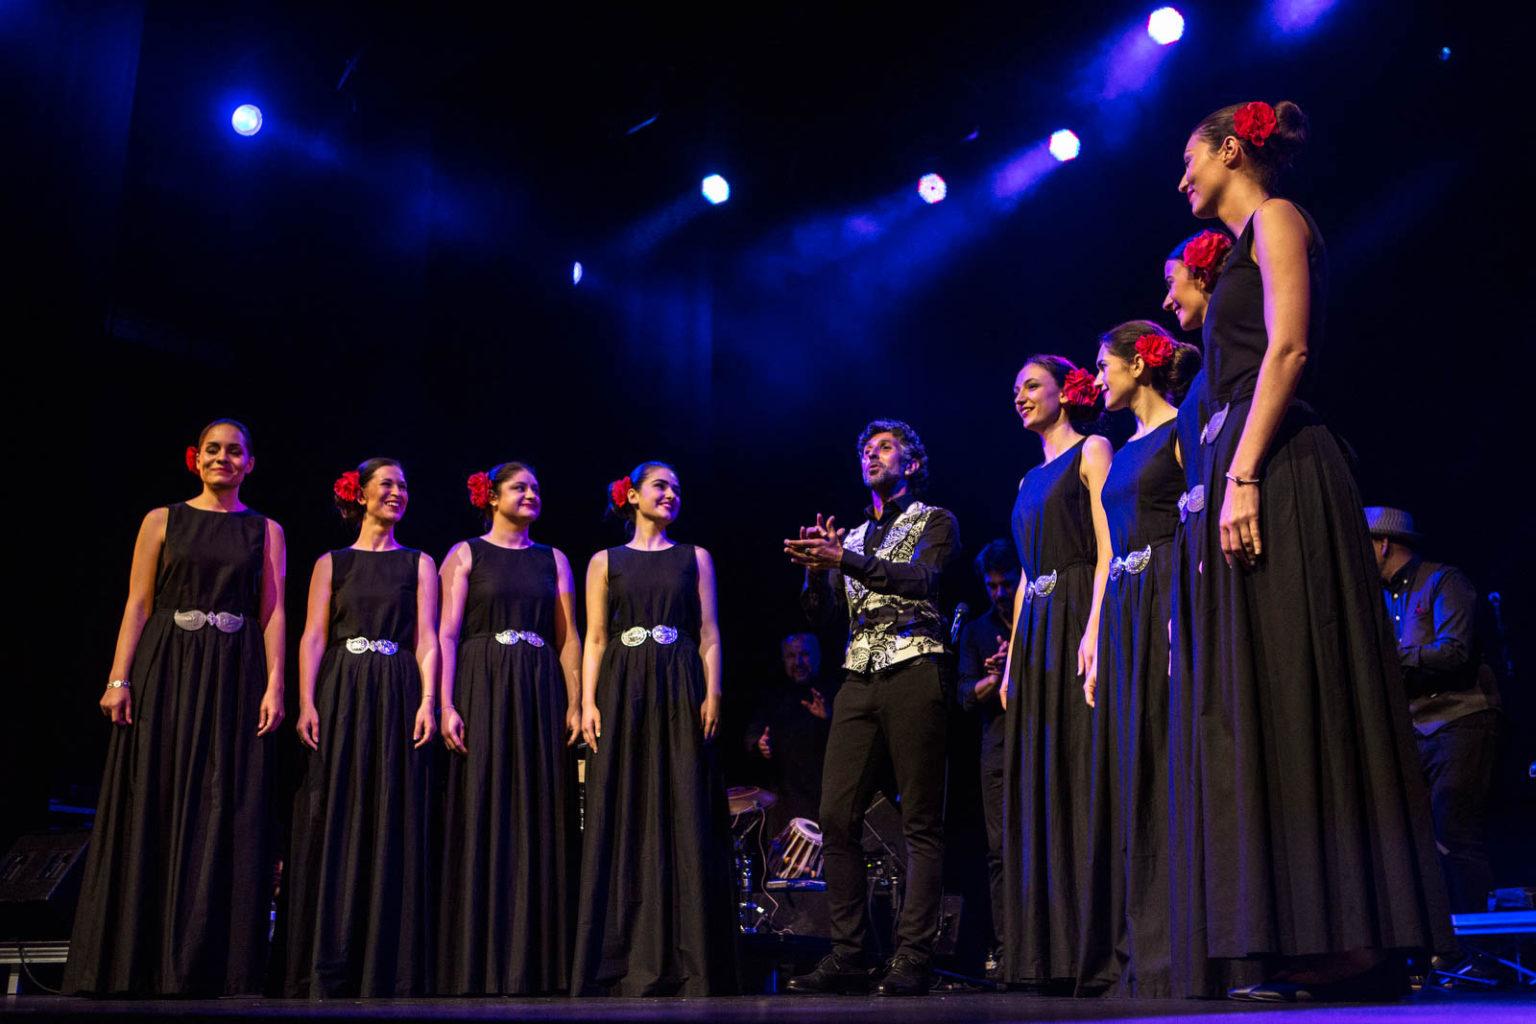 Ciutat Flamenco. Arcángel y Las Nuevas Voces Búlgaras, Sala Barts. Festival Ciutat Flamenco. Barcelona, 17/5/2018. FOTO: MARINA TOMAS ROCH.